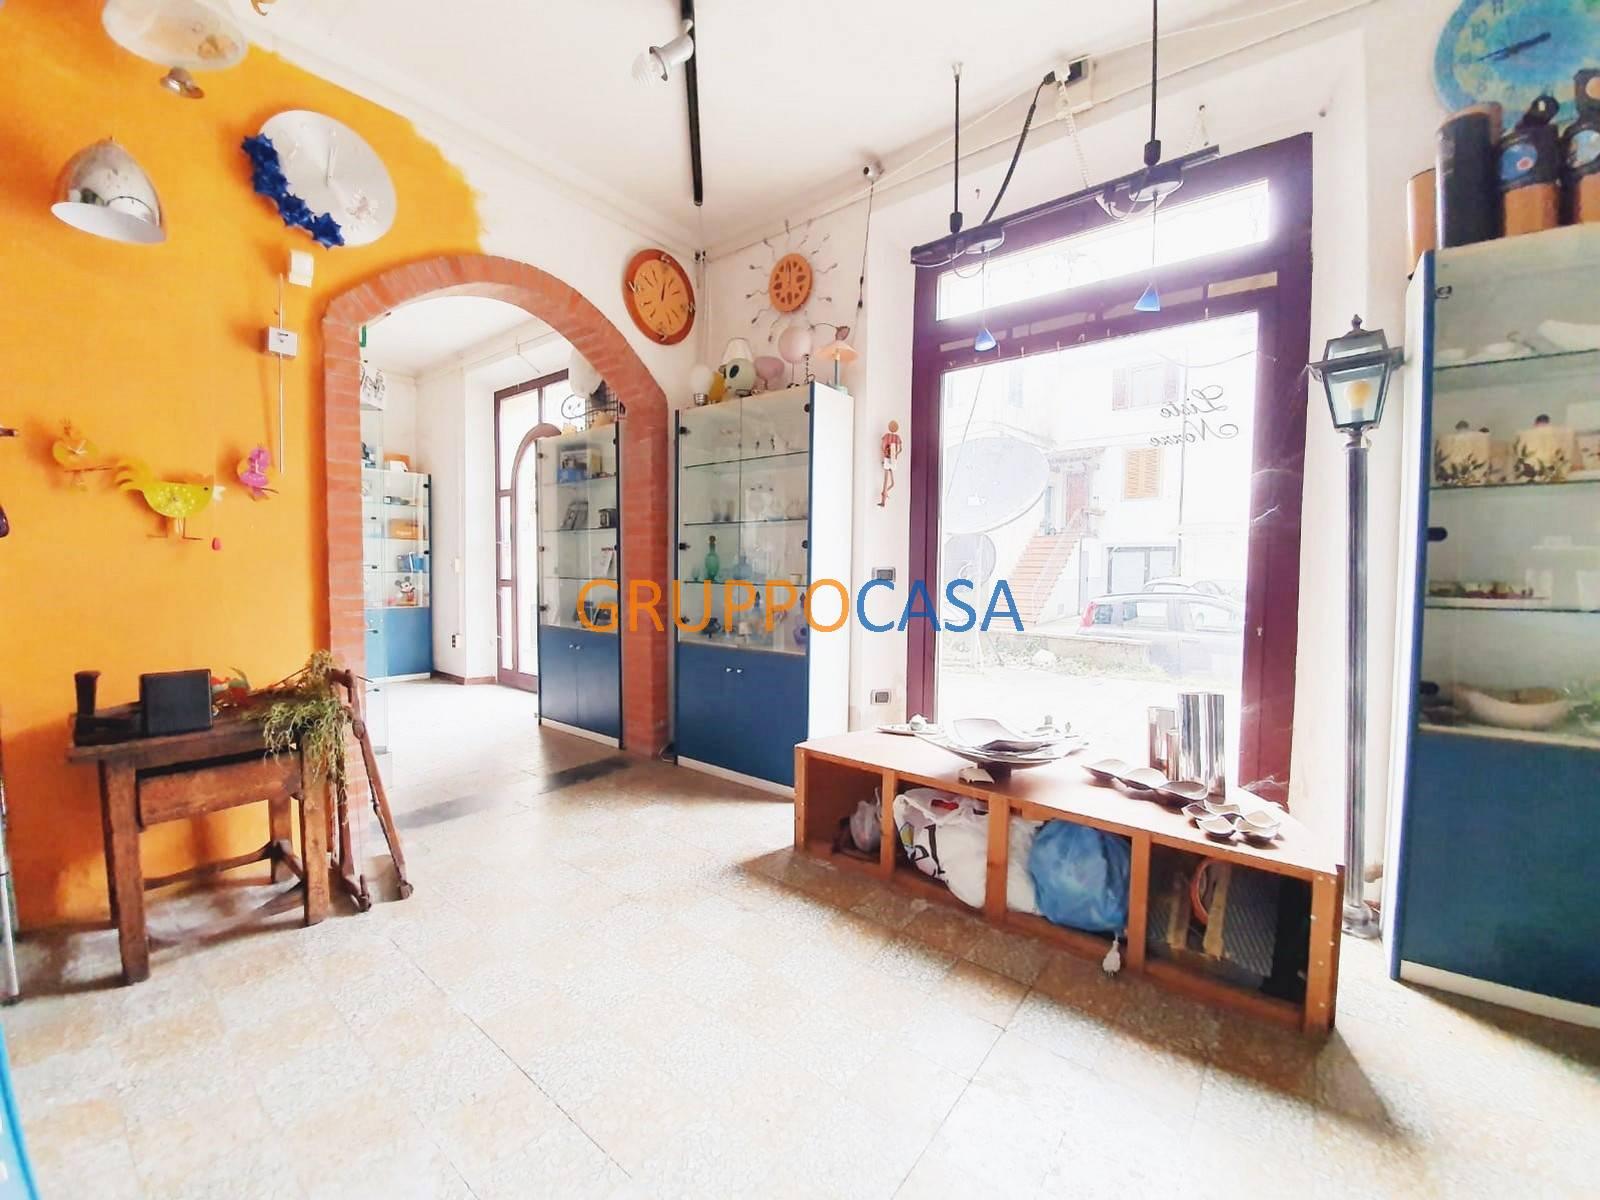 Negozio / Locale in vendita a Pescia, 9999 locali, zona Zona: Collodi, prezzo € 120.000 | CambioCasa.it